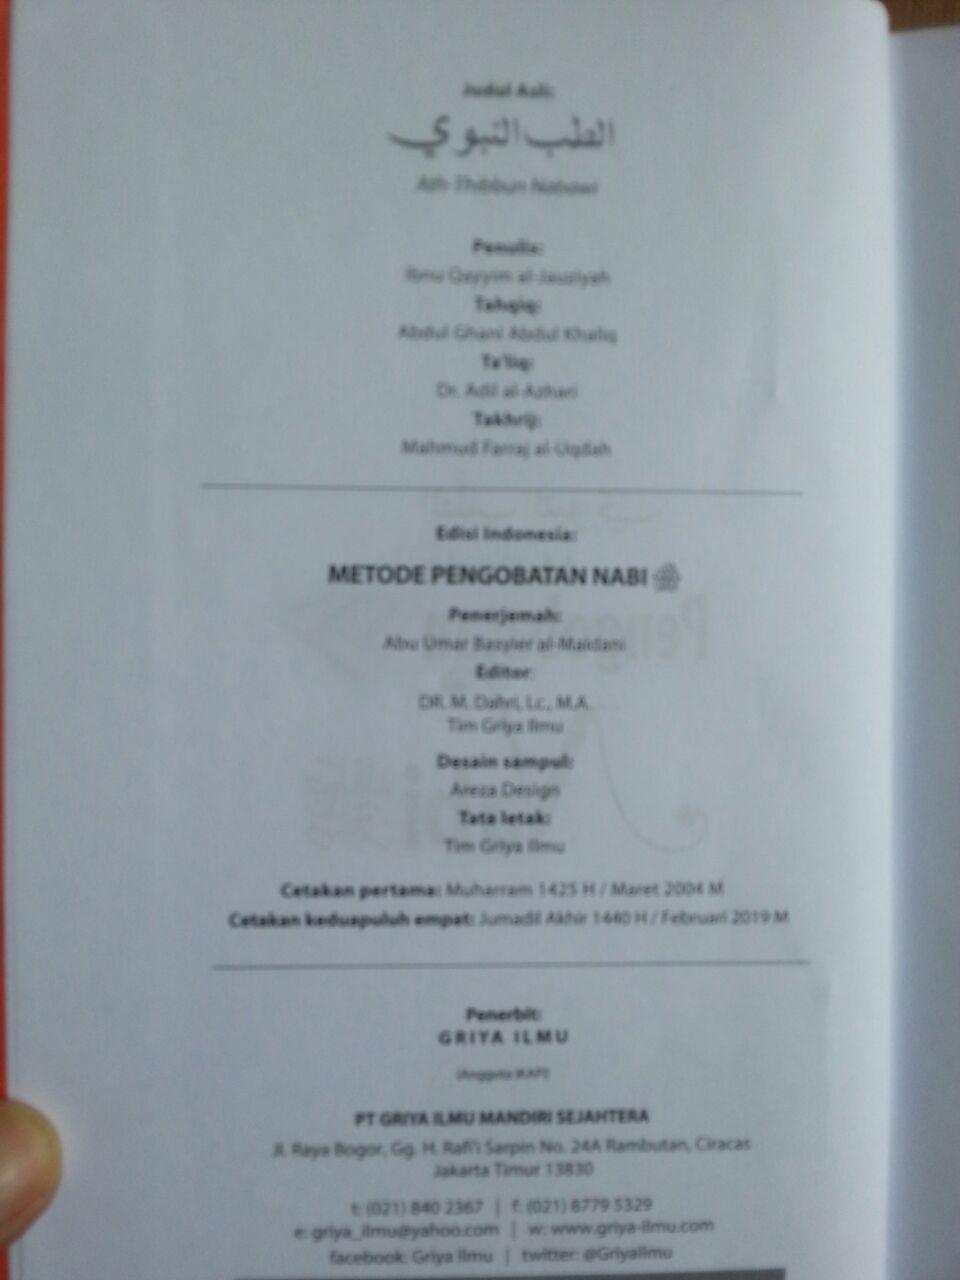 Buku Metode Pengobatan Nabi (Ath-Thibbun Nabawi) isi 3